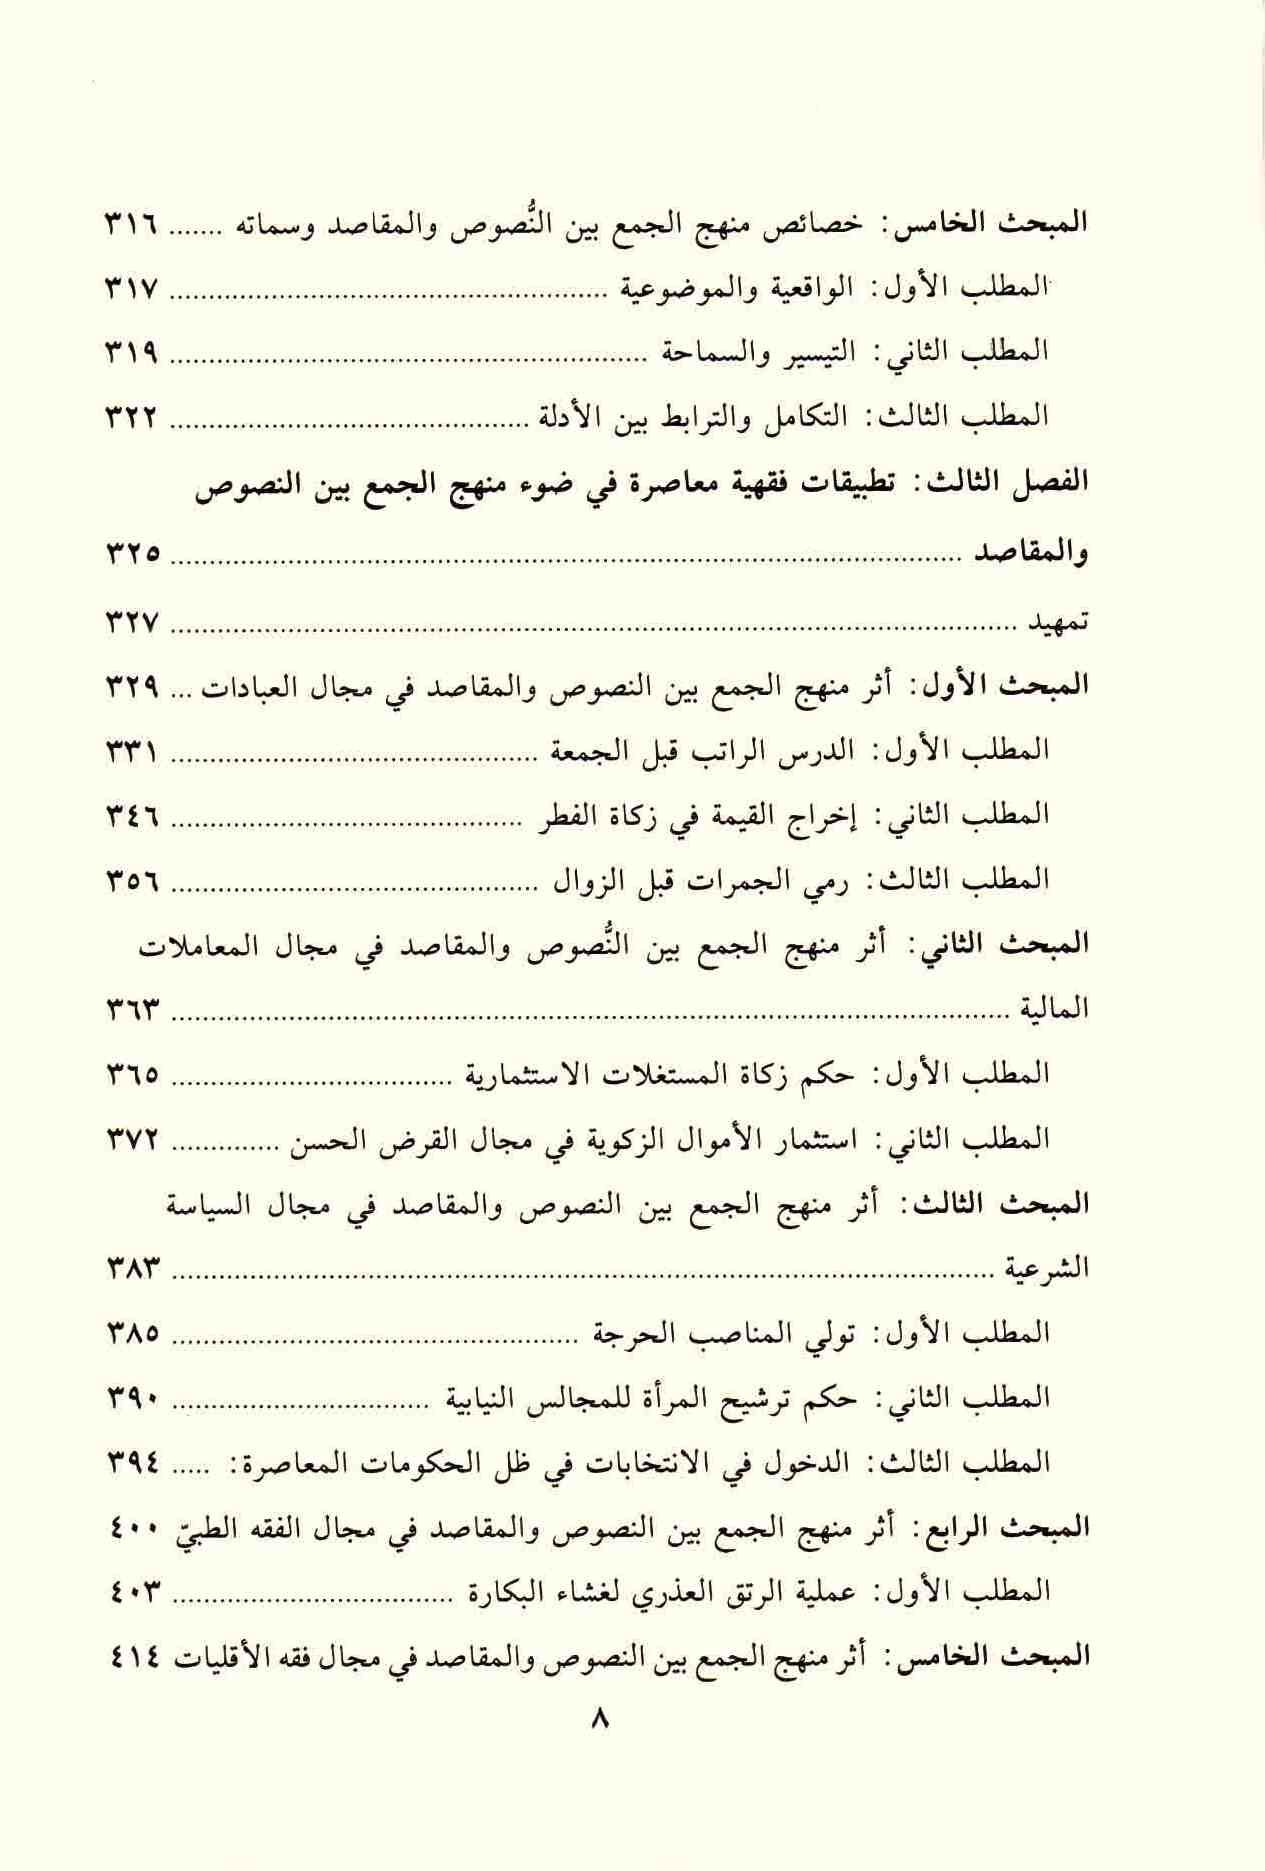 ص 8 محتويات كتاب استثمار النص الشرعي